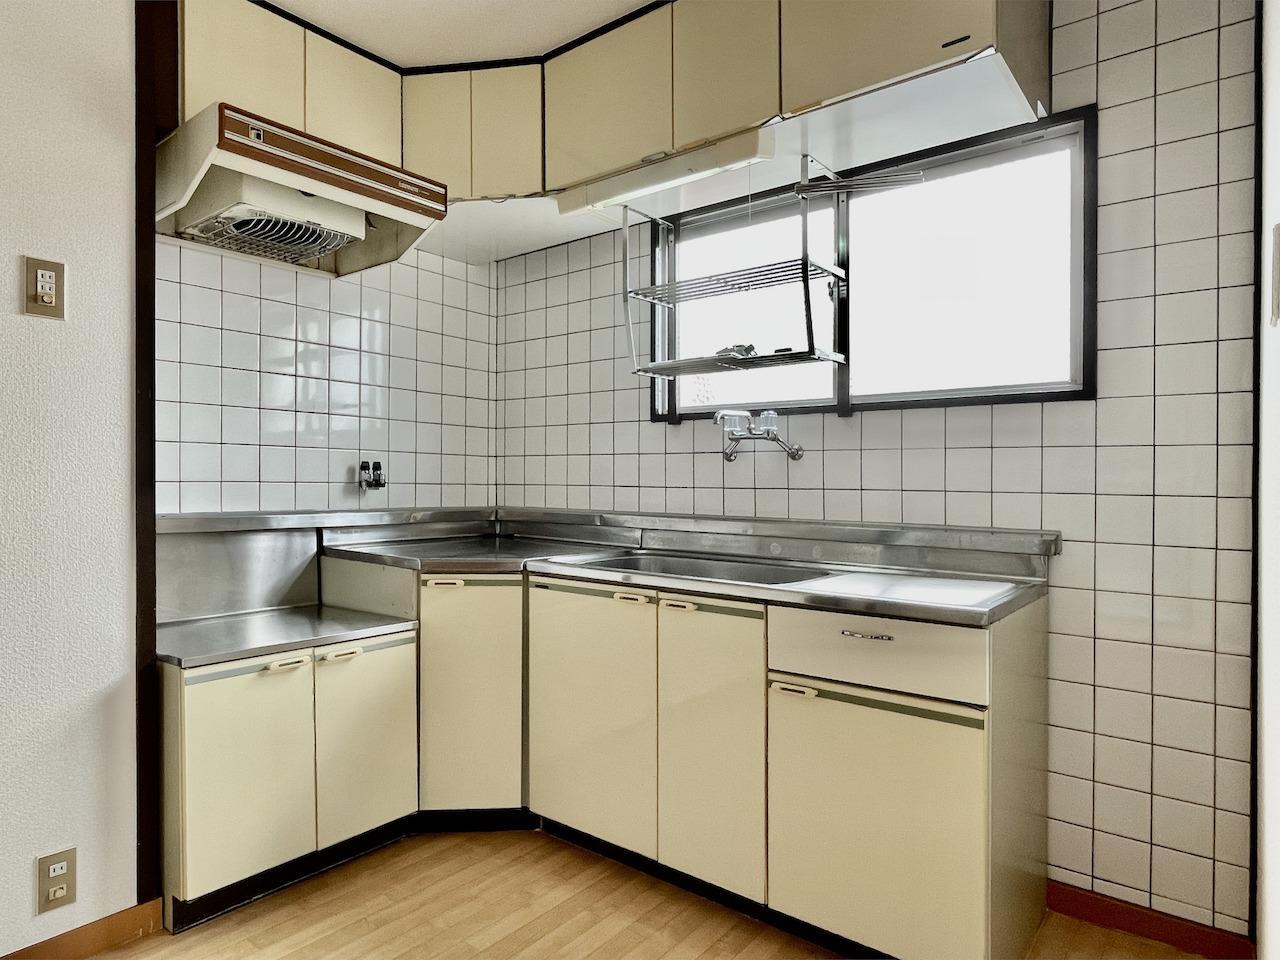 L字のキッチン。換気扇がレトロでレバースイッチ。